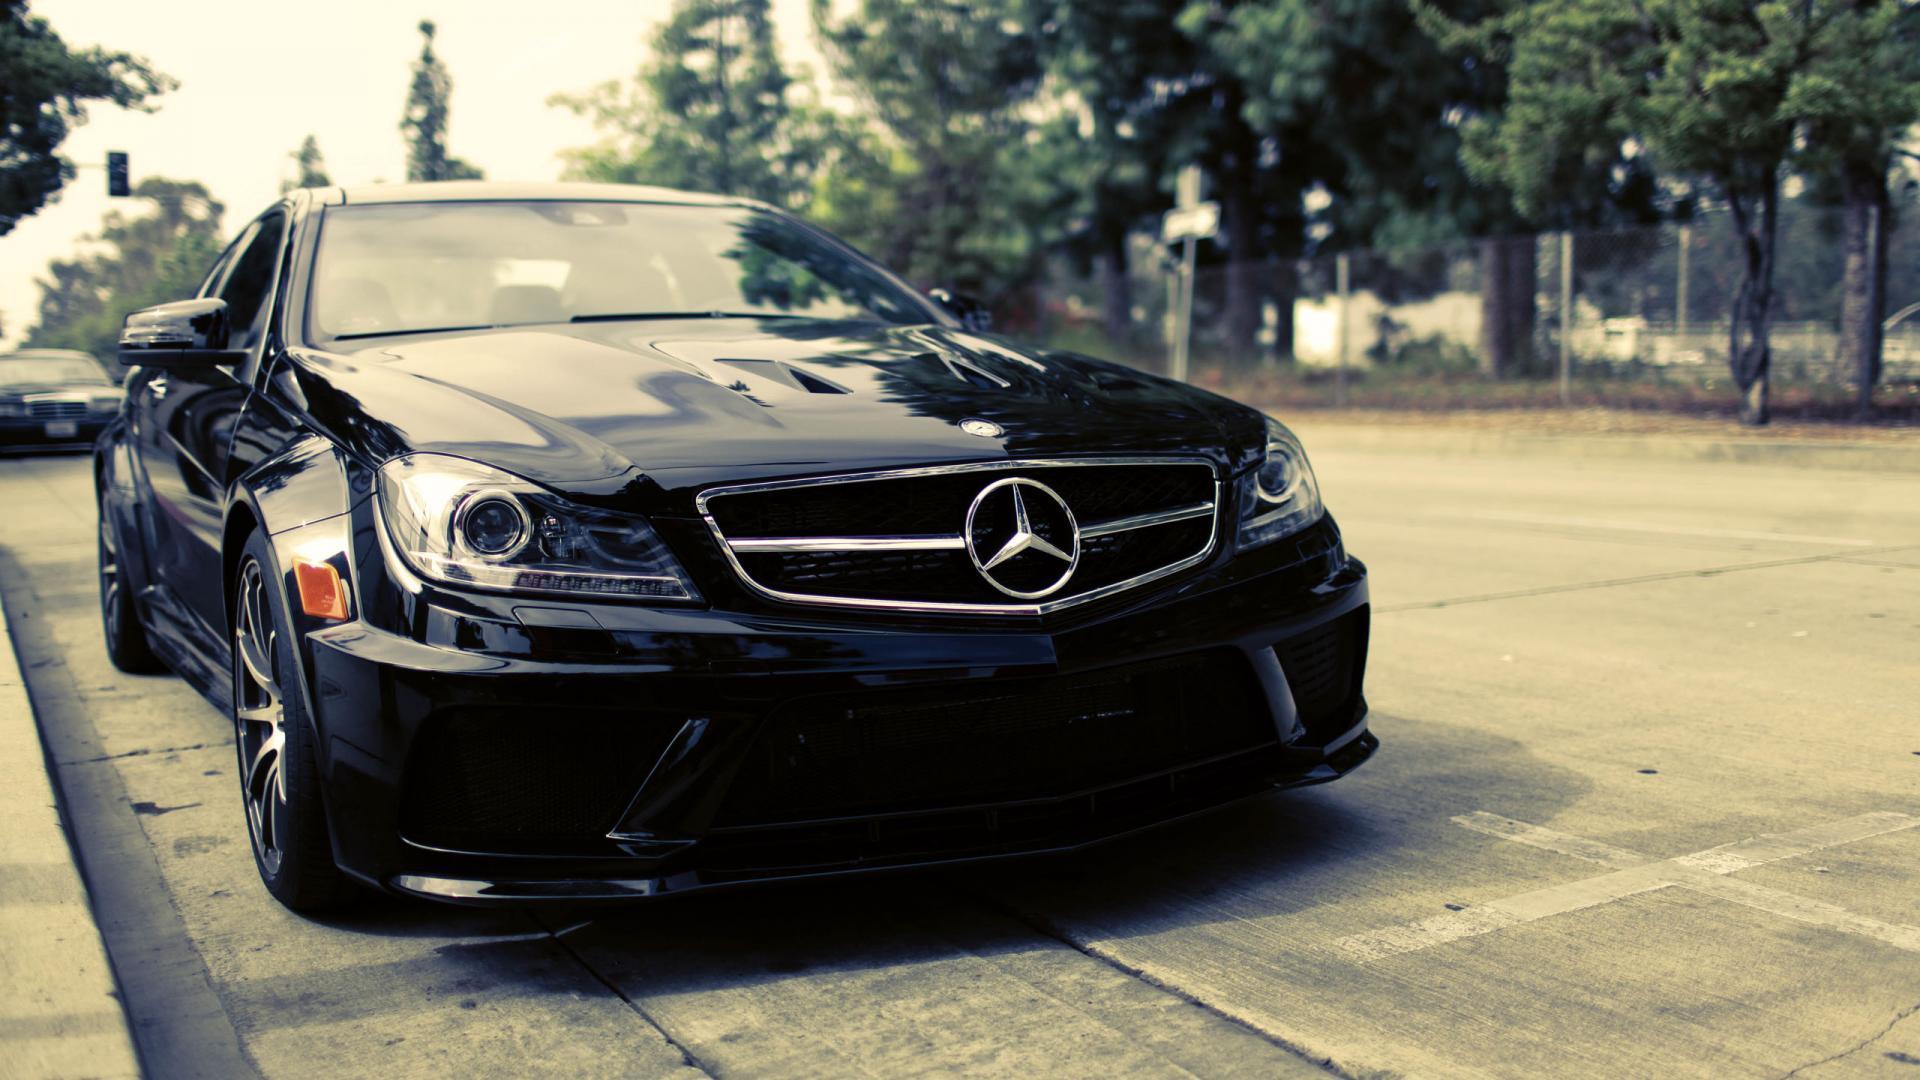 Black Mercedes Benz Hd Wallpaper | Cars HD Wallpapers